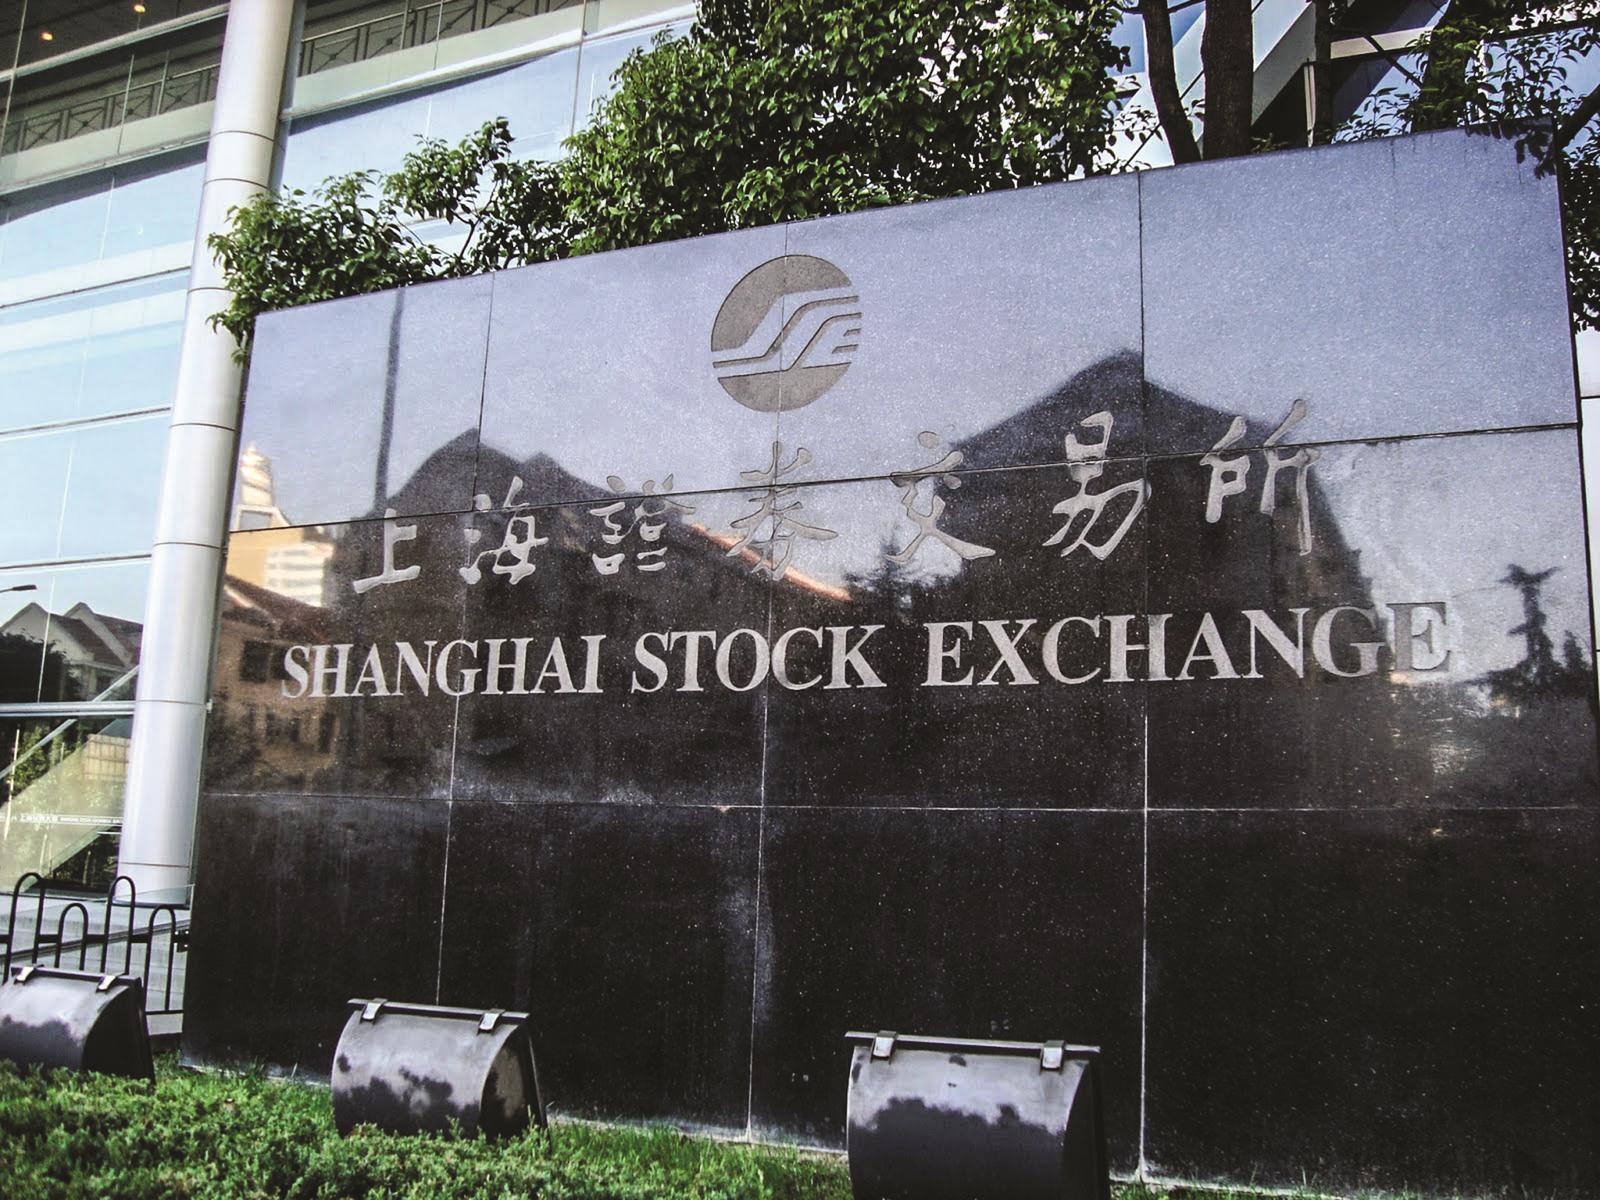 Giao dịch tài chính tại Trung Quốc trụ vững trong dịch Covid-19